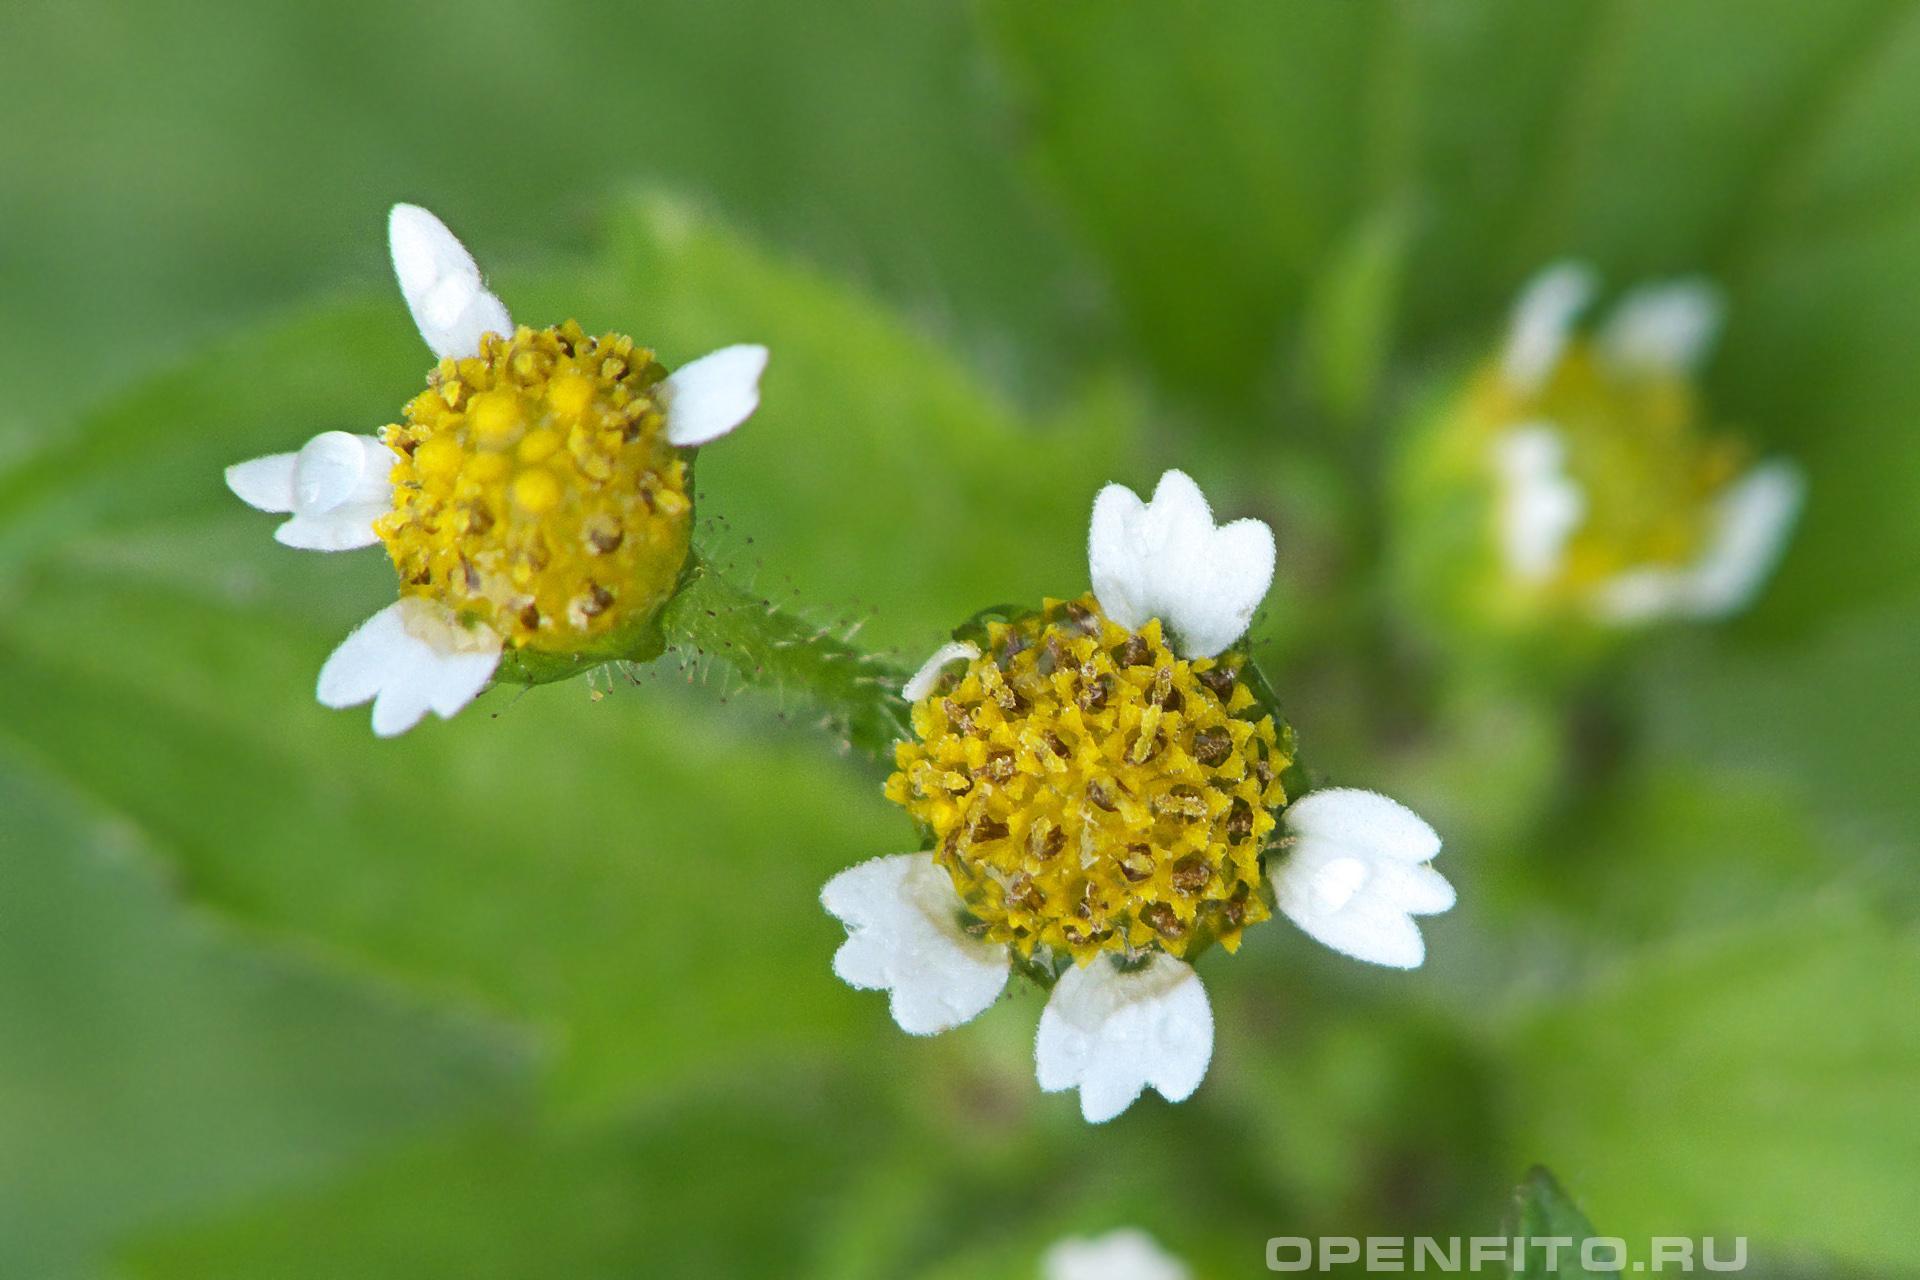 Галинсога реснитчатая трудновыводимый лекарственный сорняк